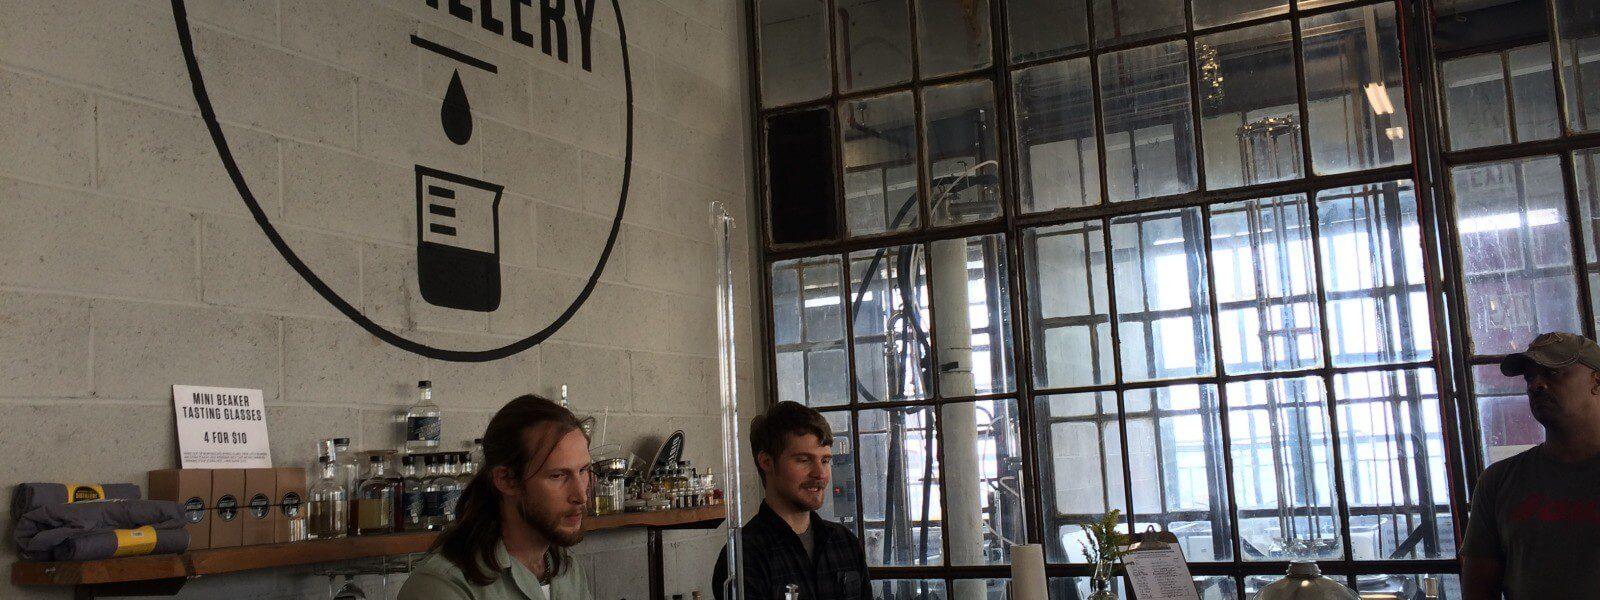 Industry City Distillery bar interior.